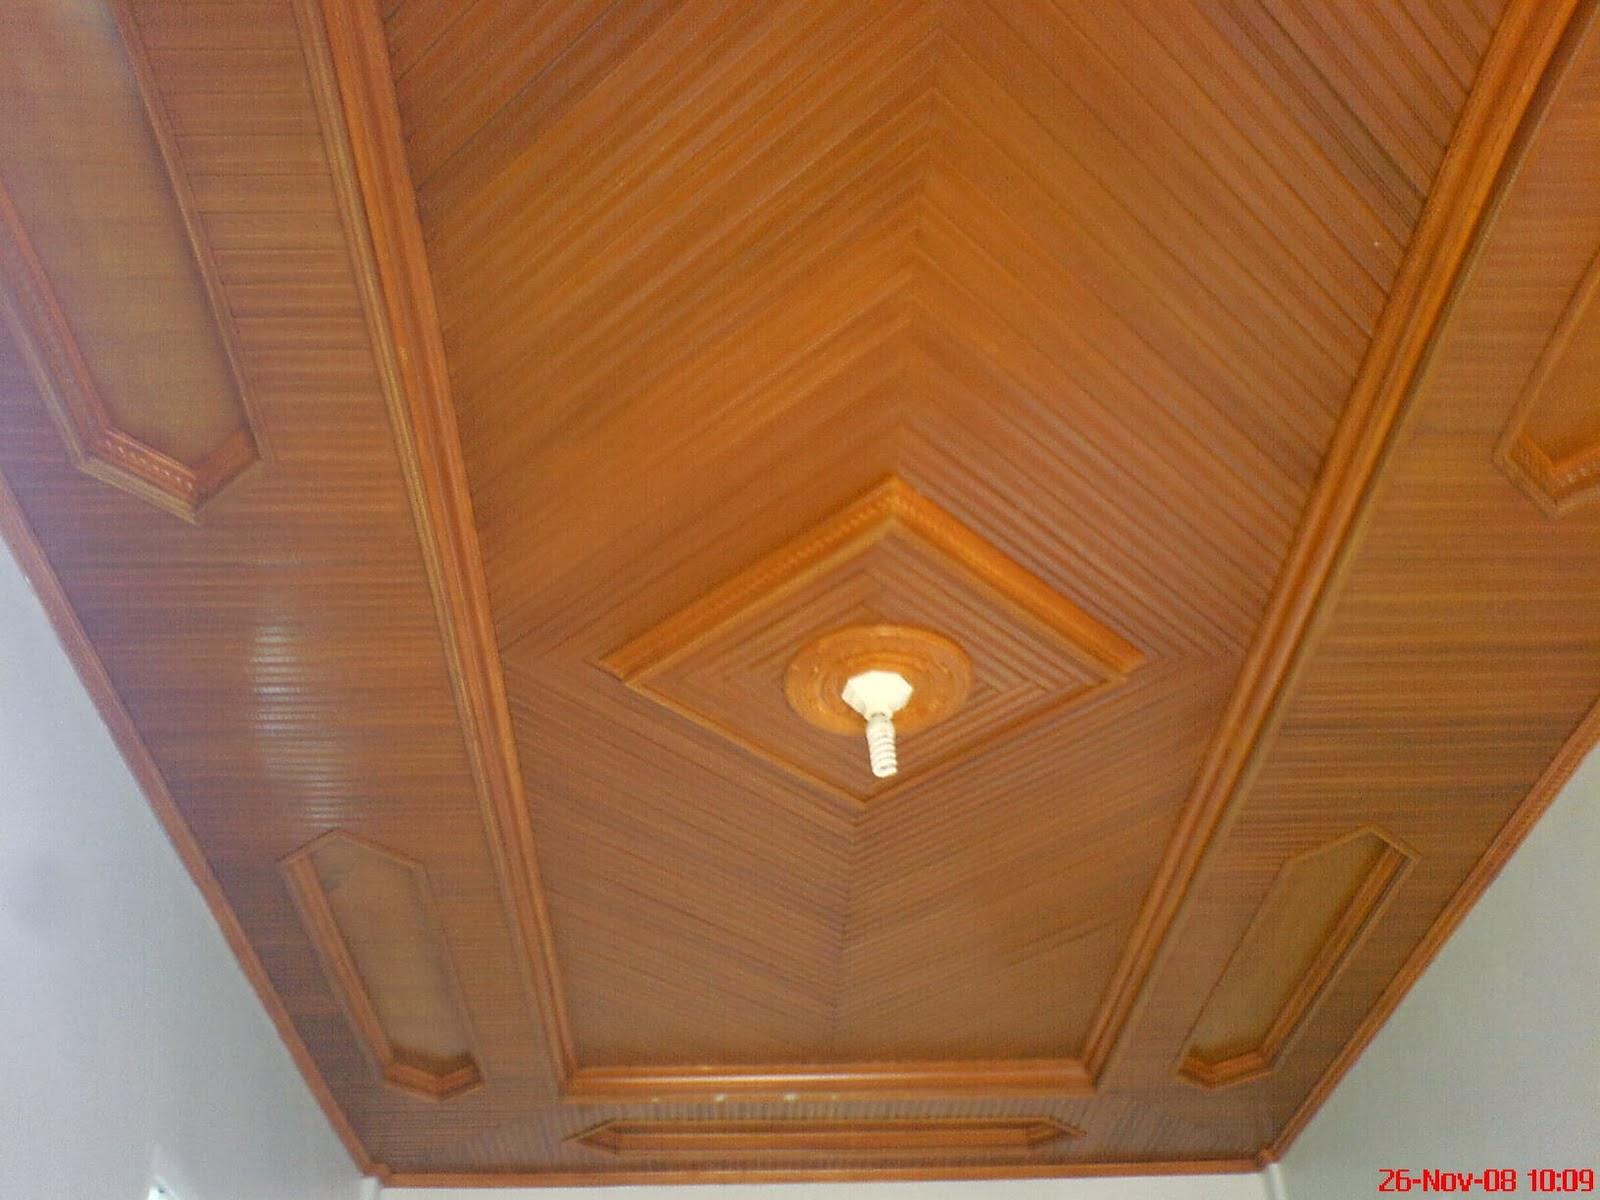 Desain Plafon Kayu Modern dan Klasik  Inspirasi Desain Rumah